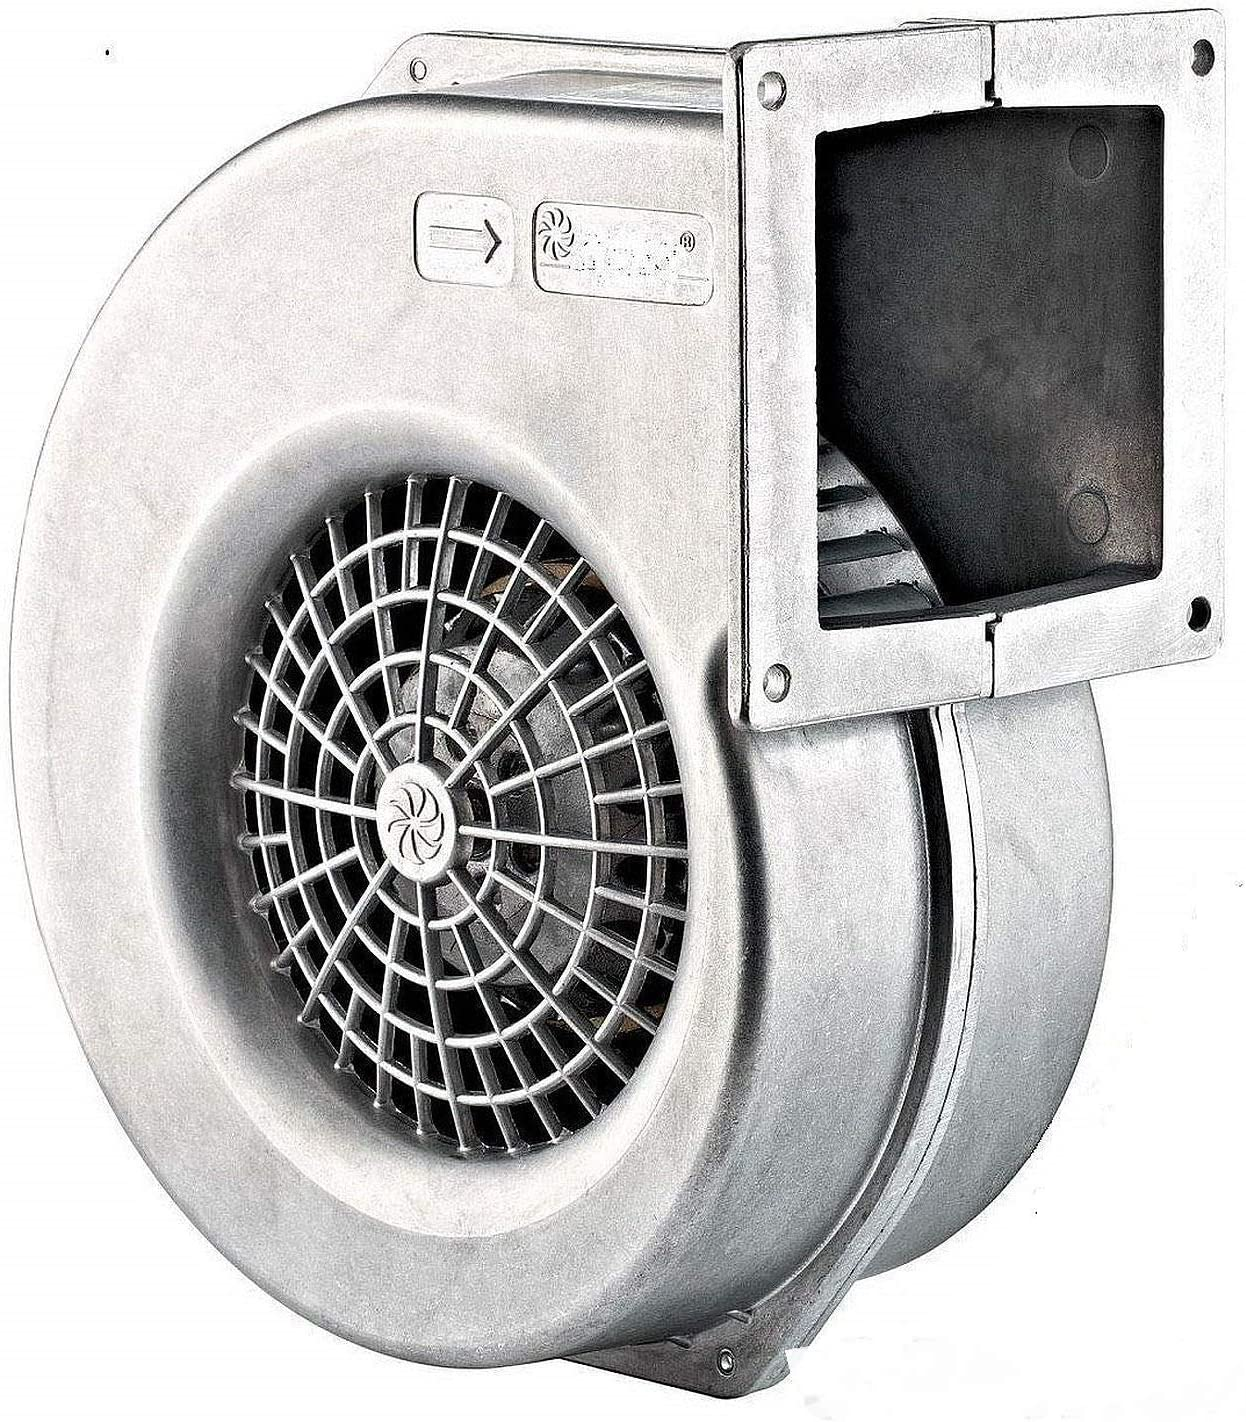 550m³/h Ventilador industrial con 500W Regulador de Velocidat Ventilación Extractor Ventiladores ventiladore industriales Axial axiales extractores centrifugo aspiracion